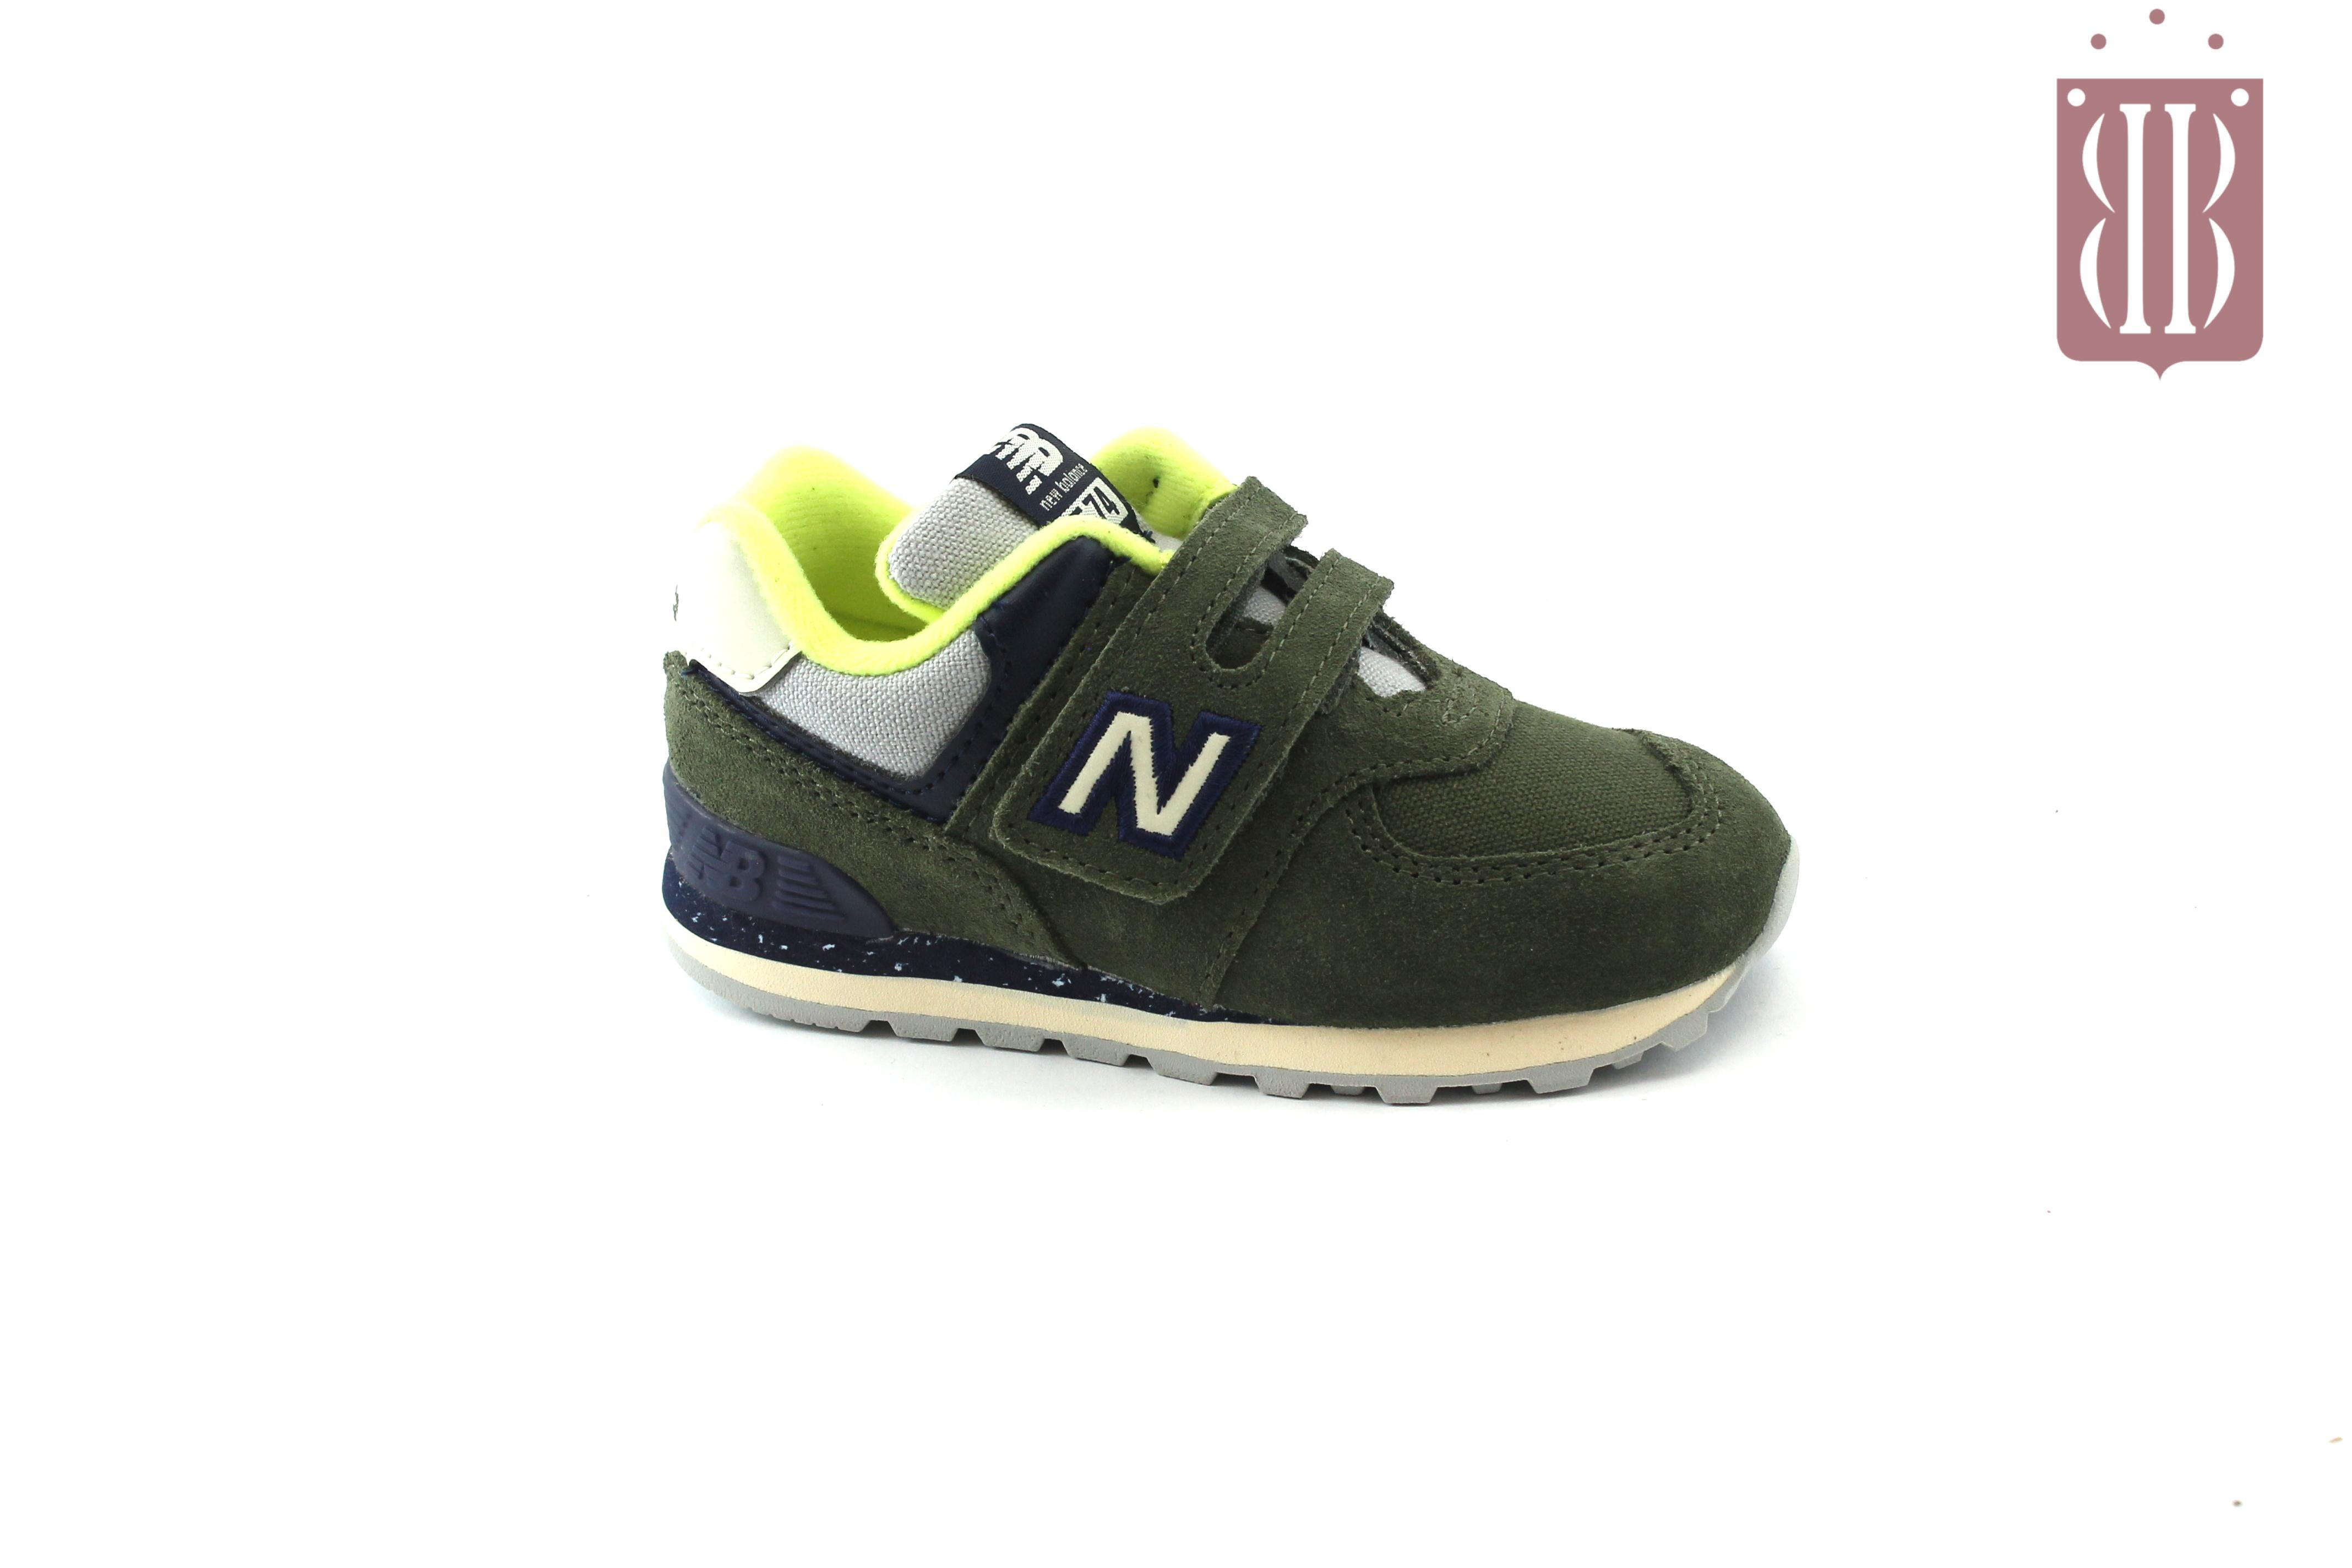 new balance bambini 29.5